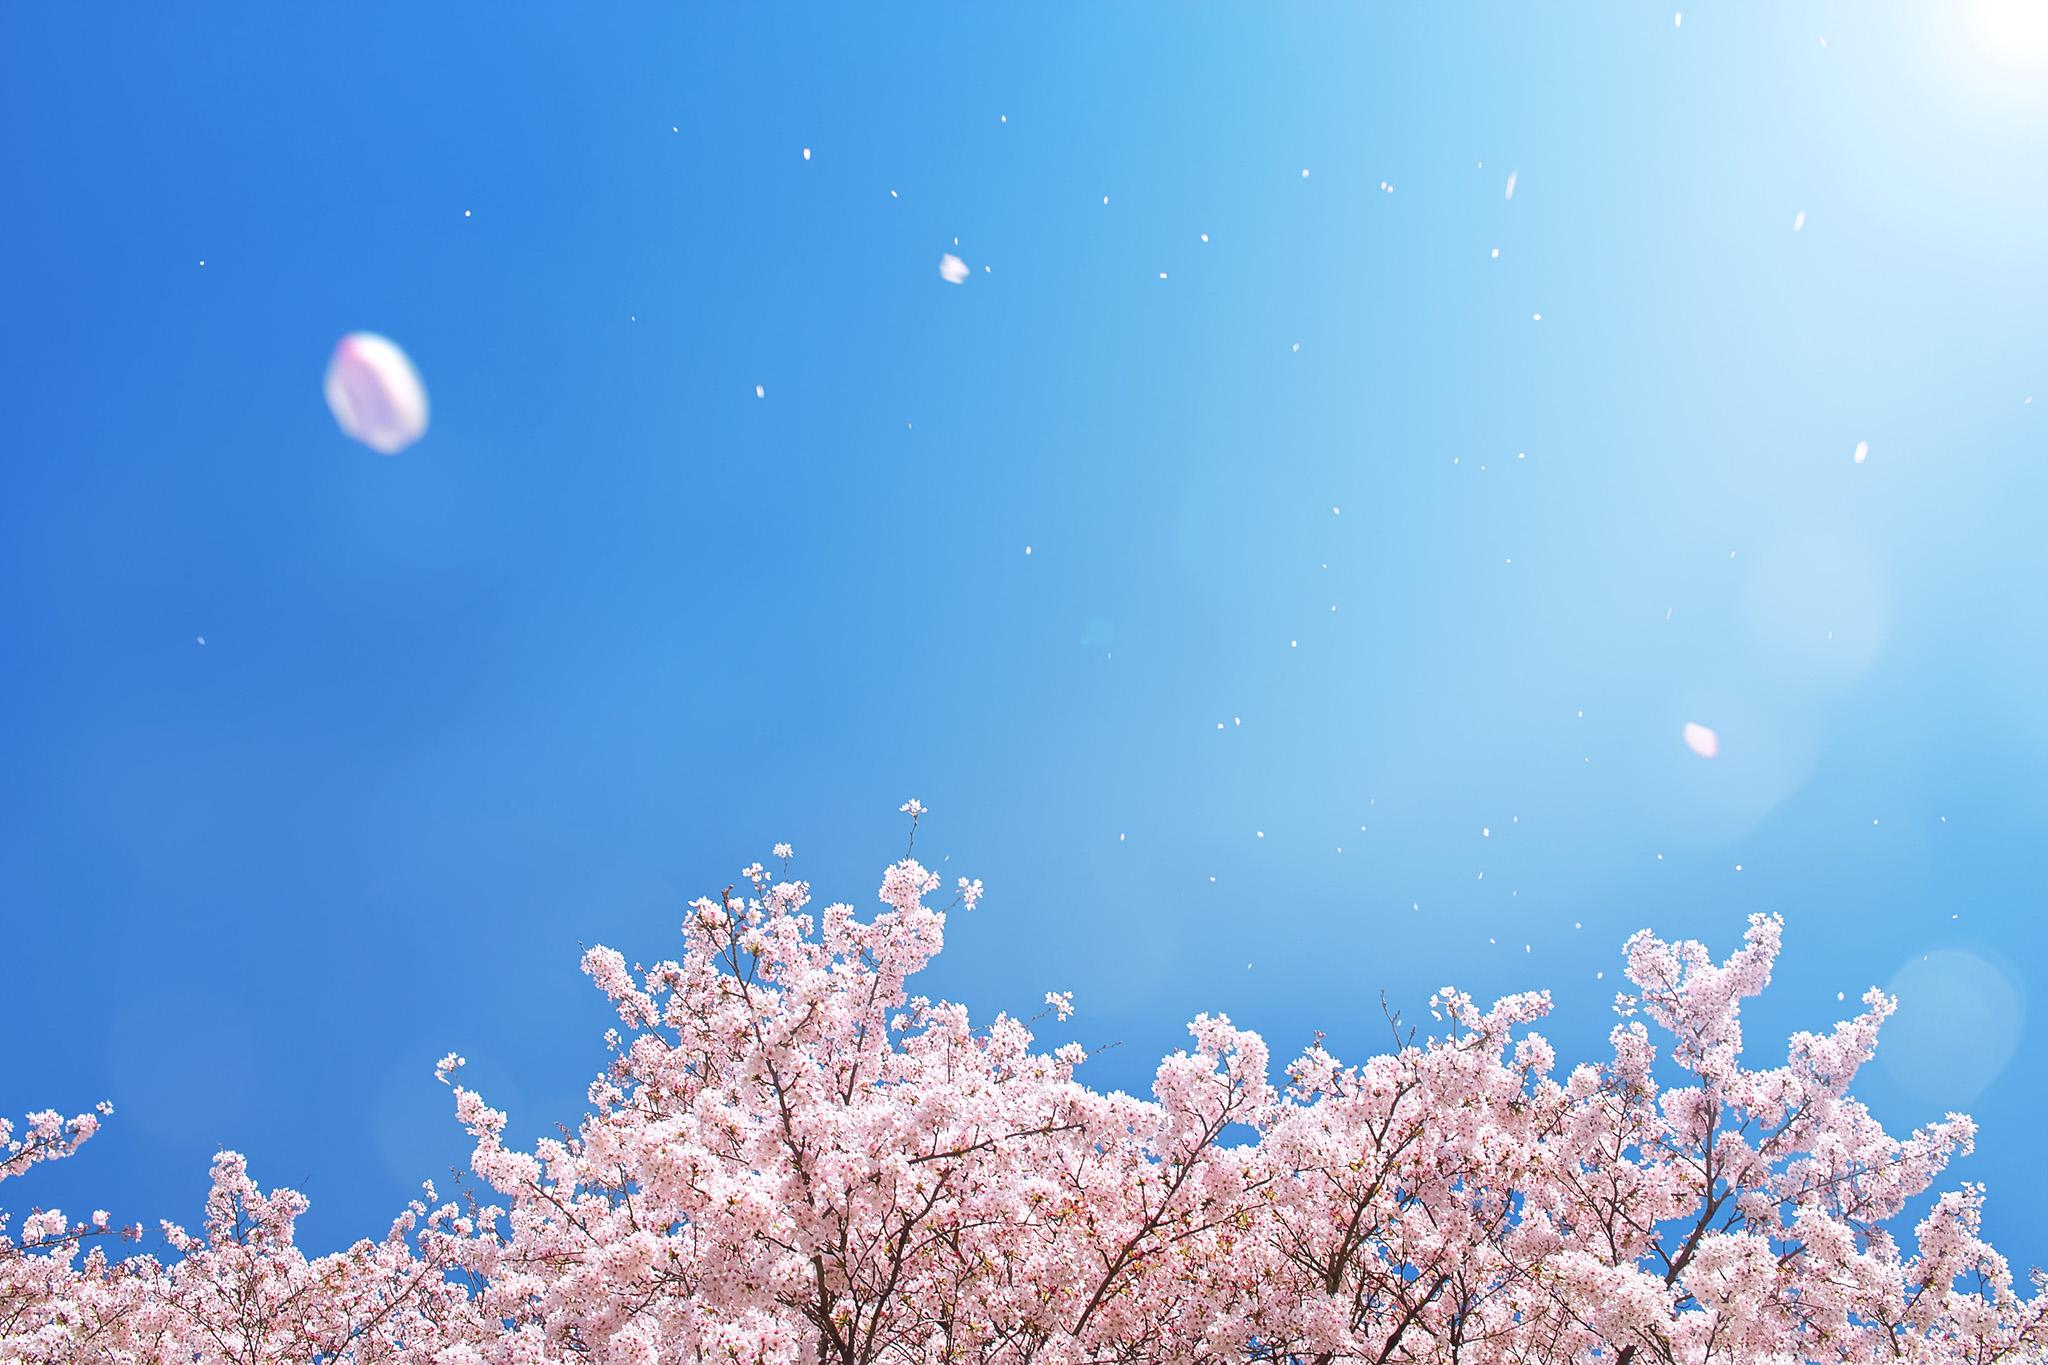 「春の青空に舞い散る桜吹雪」